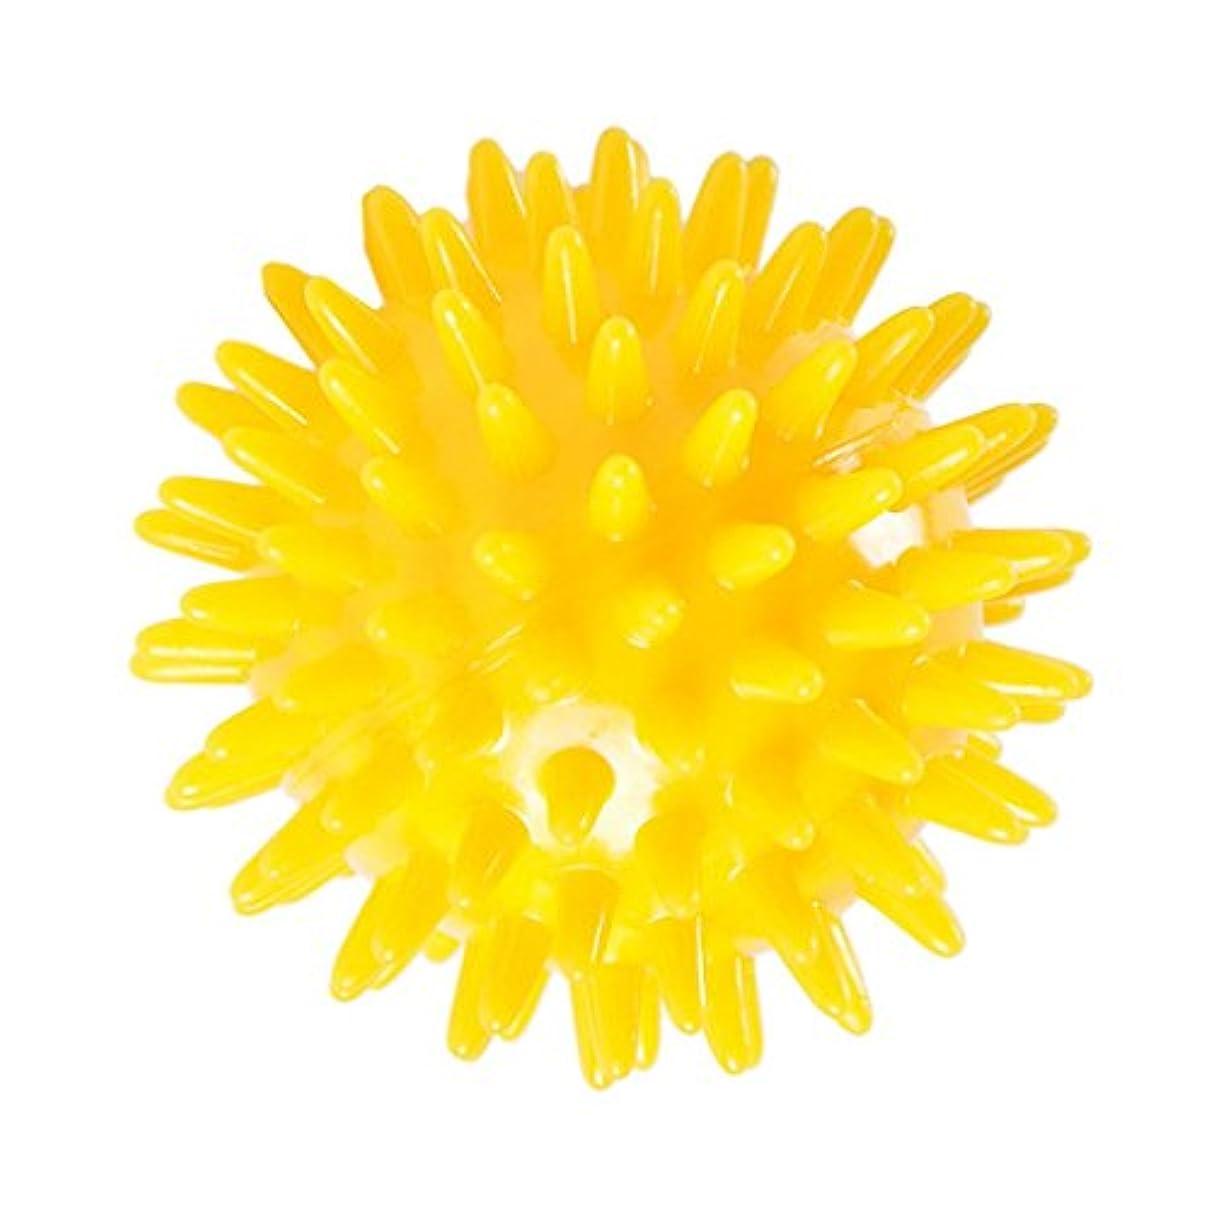 伝統ファンネルウェブスパイダー消化マッサージボール スパイクマッサージボール トリガーポイントリリース ハンドエクササイズ ストレスリリーフ 3サイズ選べる - 黄, 6cm